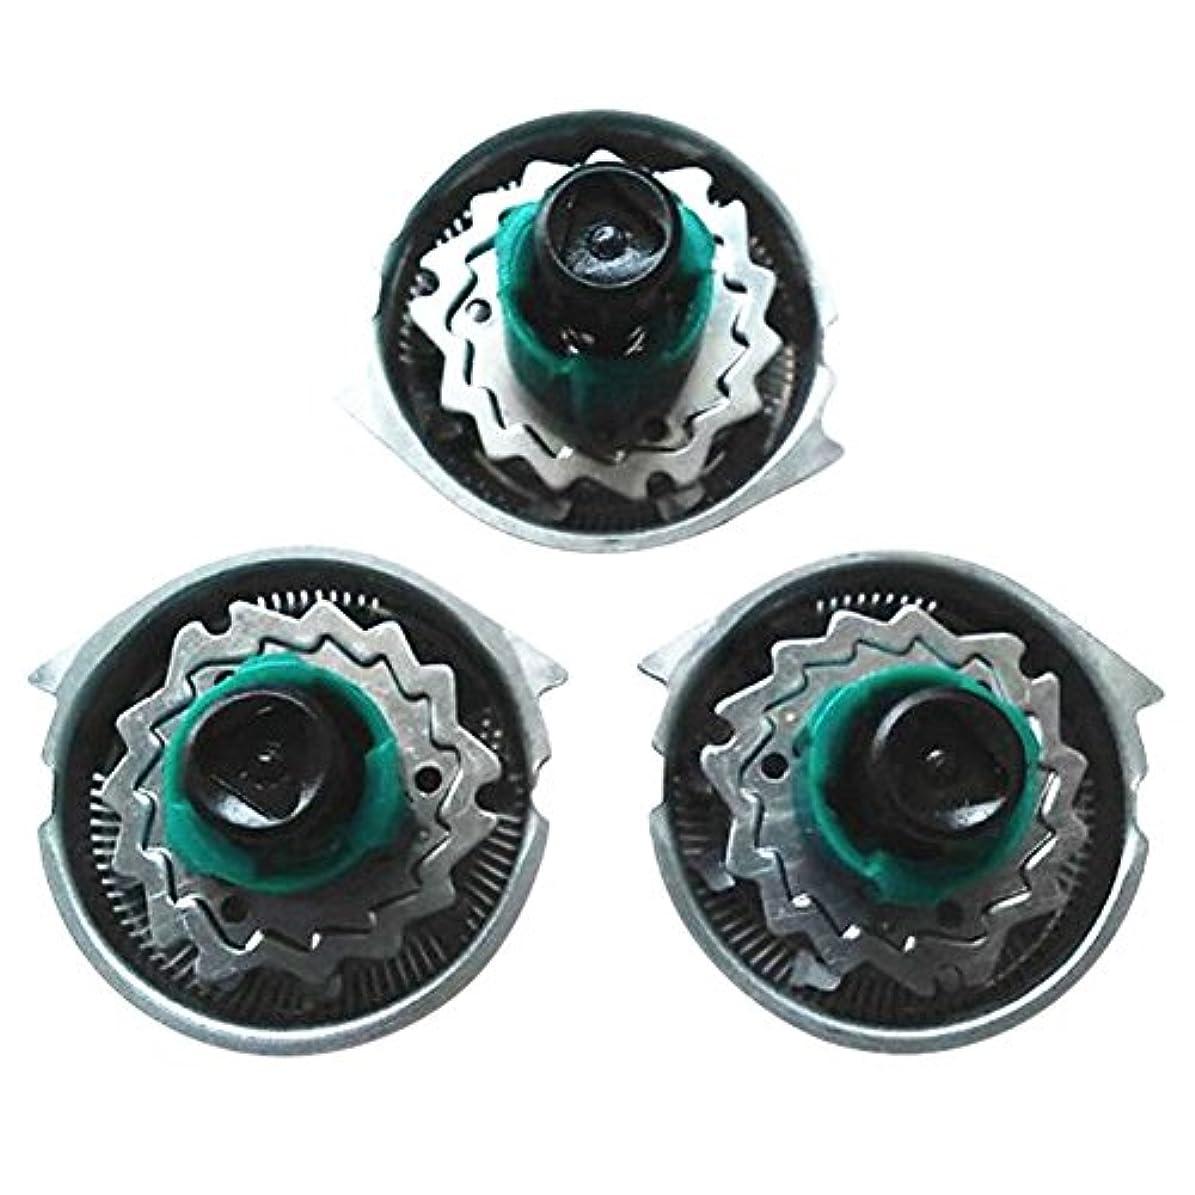 ファランクスペニー一口Hzjundasi 置換 シェーバー 頭/カッター/キャリーバッグ/保護キャップ for Philips RQ1151 1195